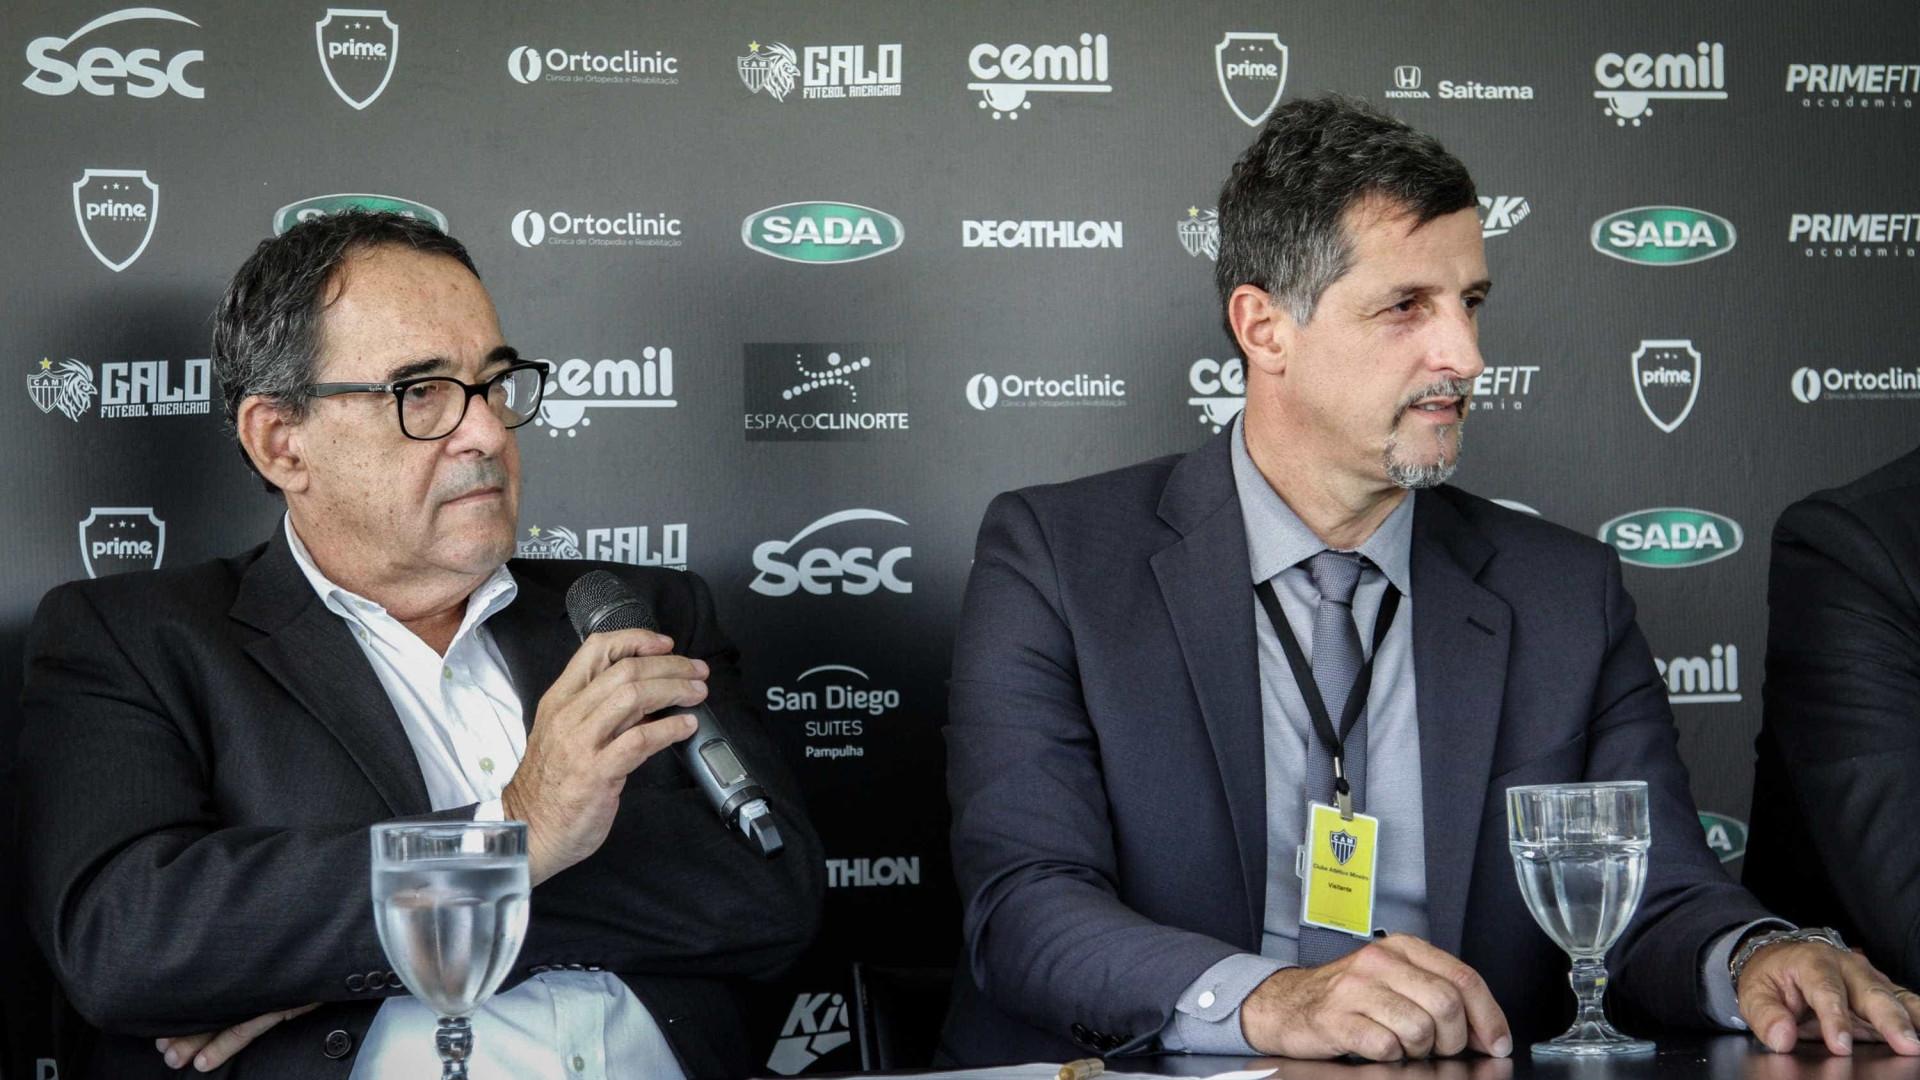 Morre diretor do Atlético, Bebeto de Freitas, na Cidade do Galo